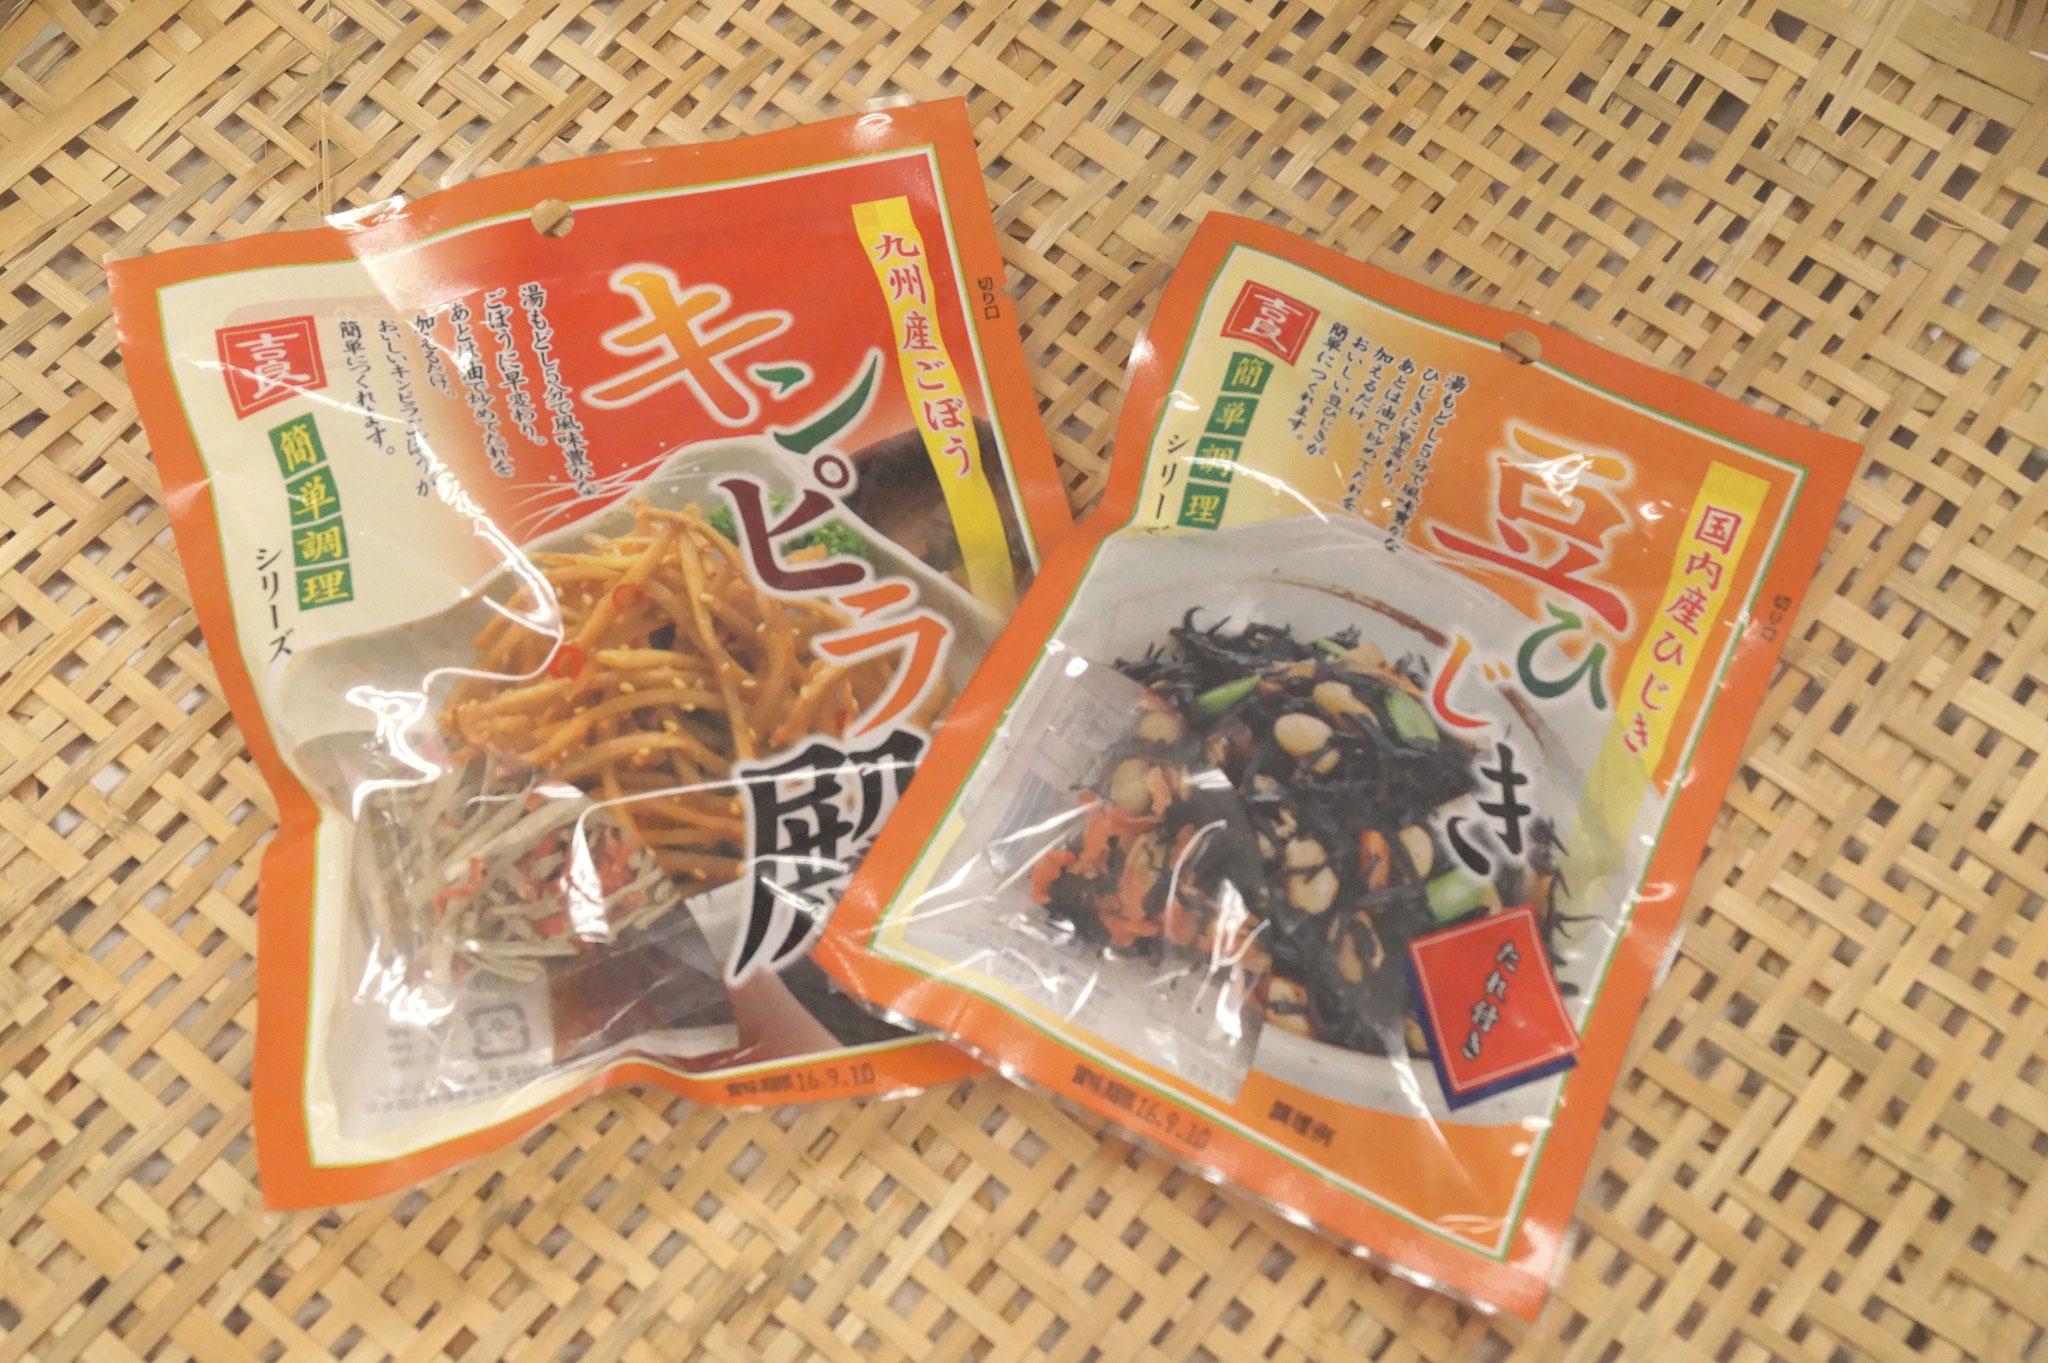 乾燥キンピラの素と豆ひじきの素(お届けはどちらか1つです)吉良食品